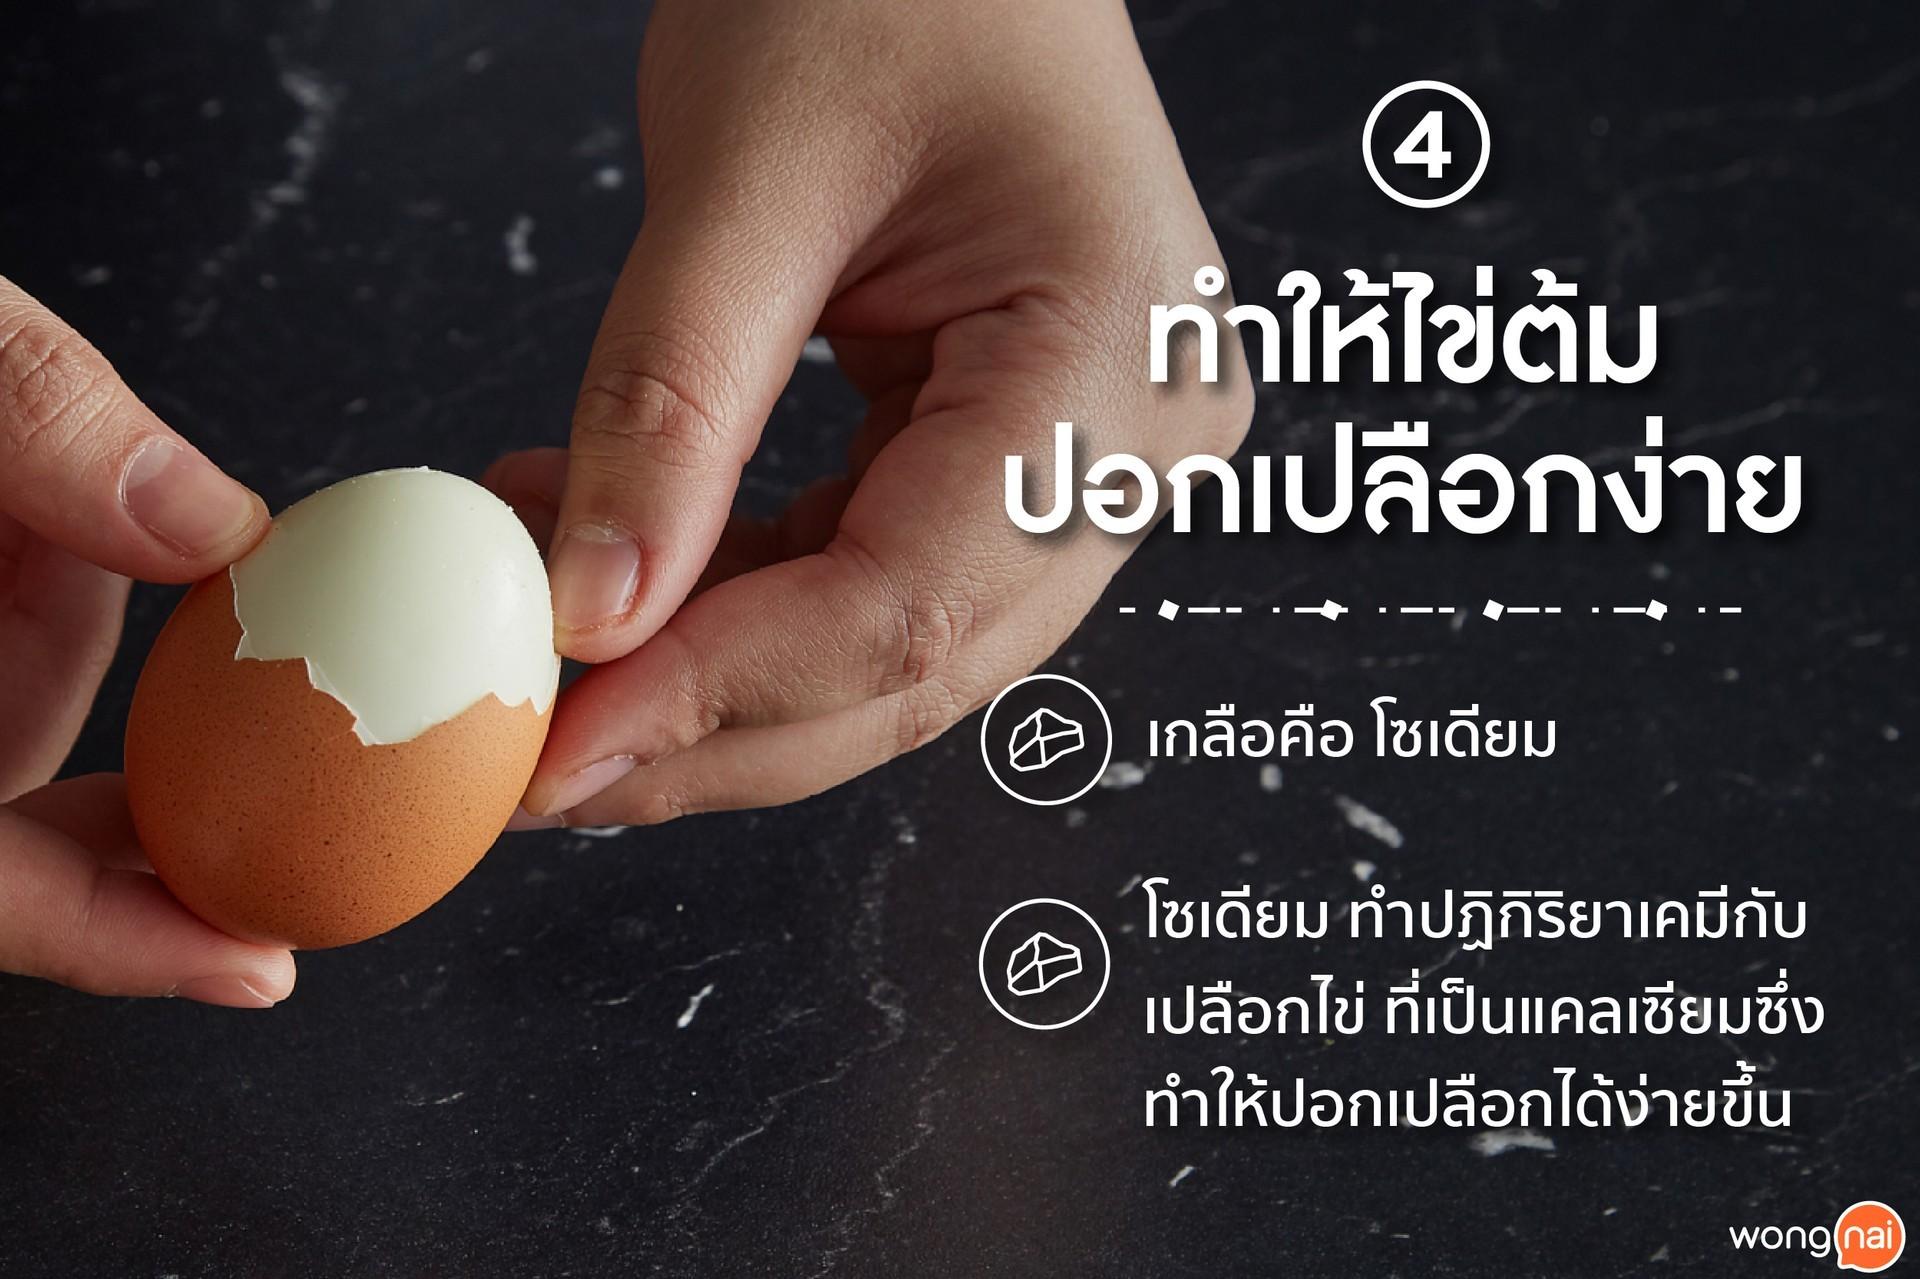 เกลือทำให้ไข่ต้มปอกเปลือกง่าย